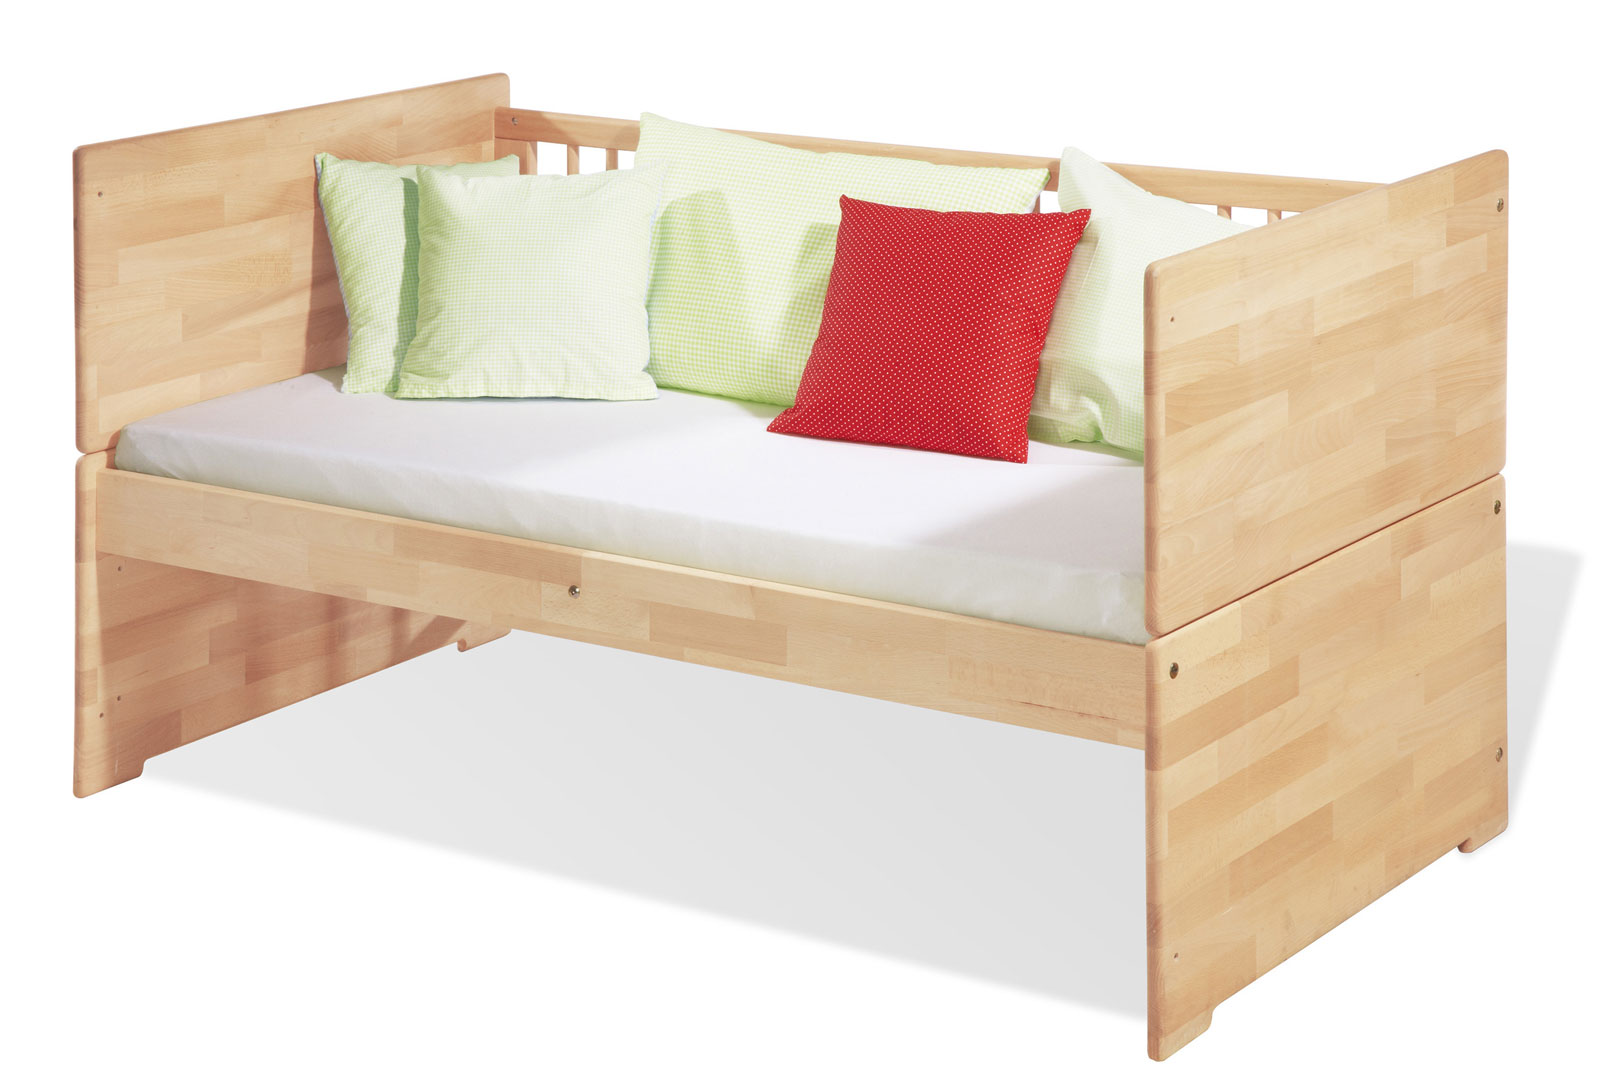 praktisches gitterbett in buche mit umbaufunktion natura. Black Bedroom Furniture Sets. Home Design Ideas